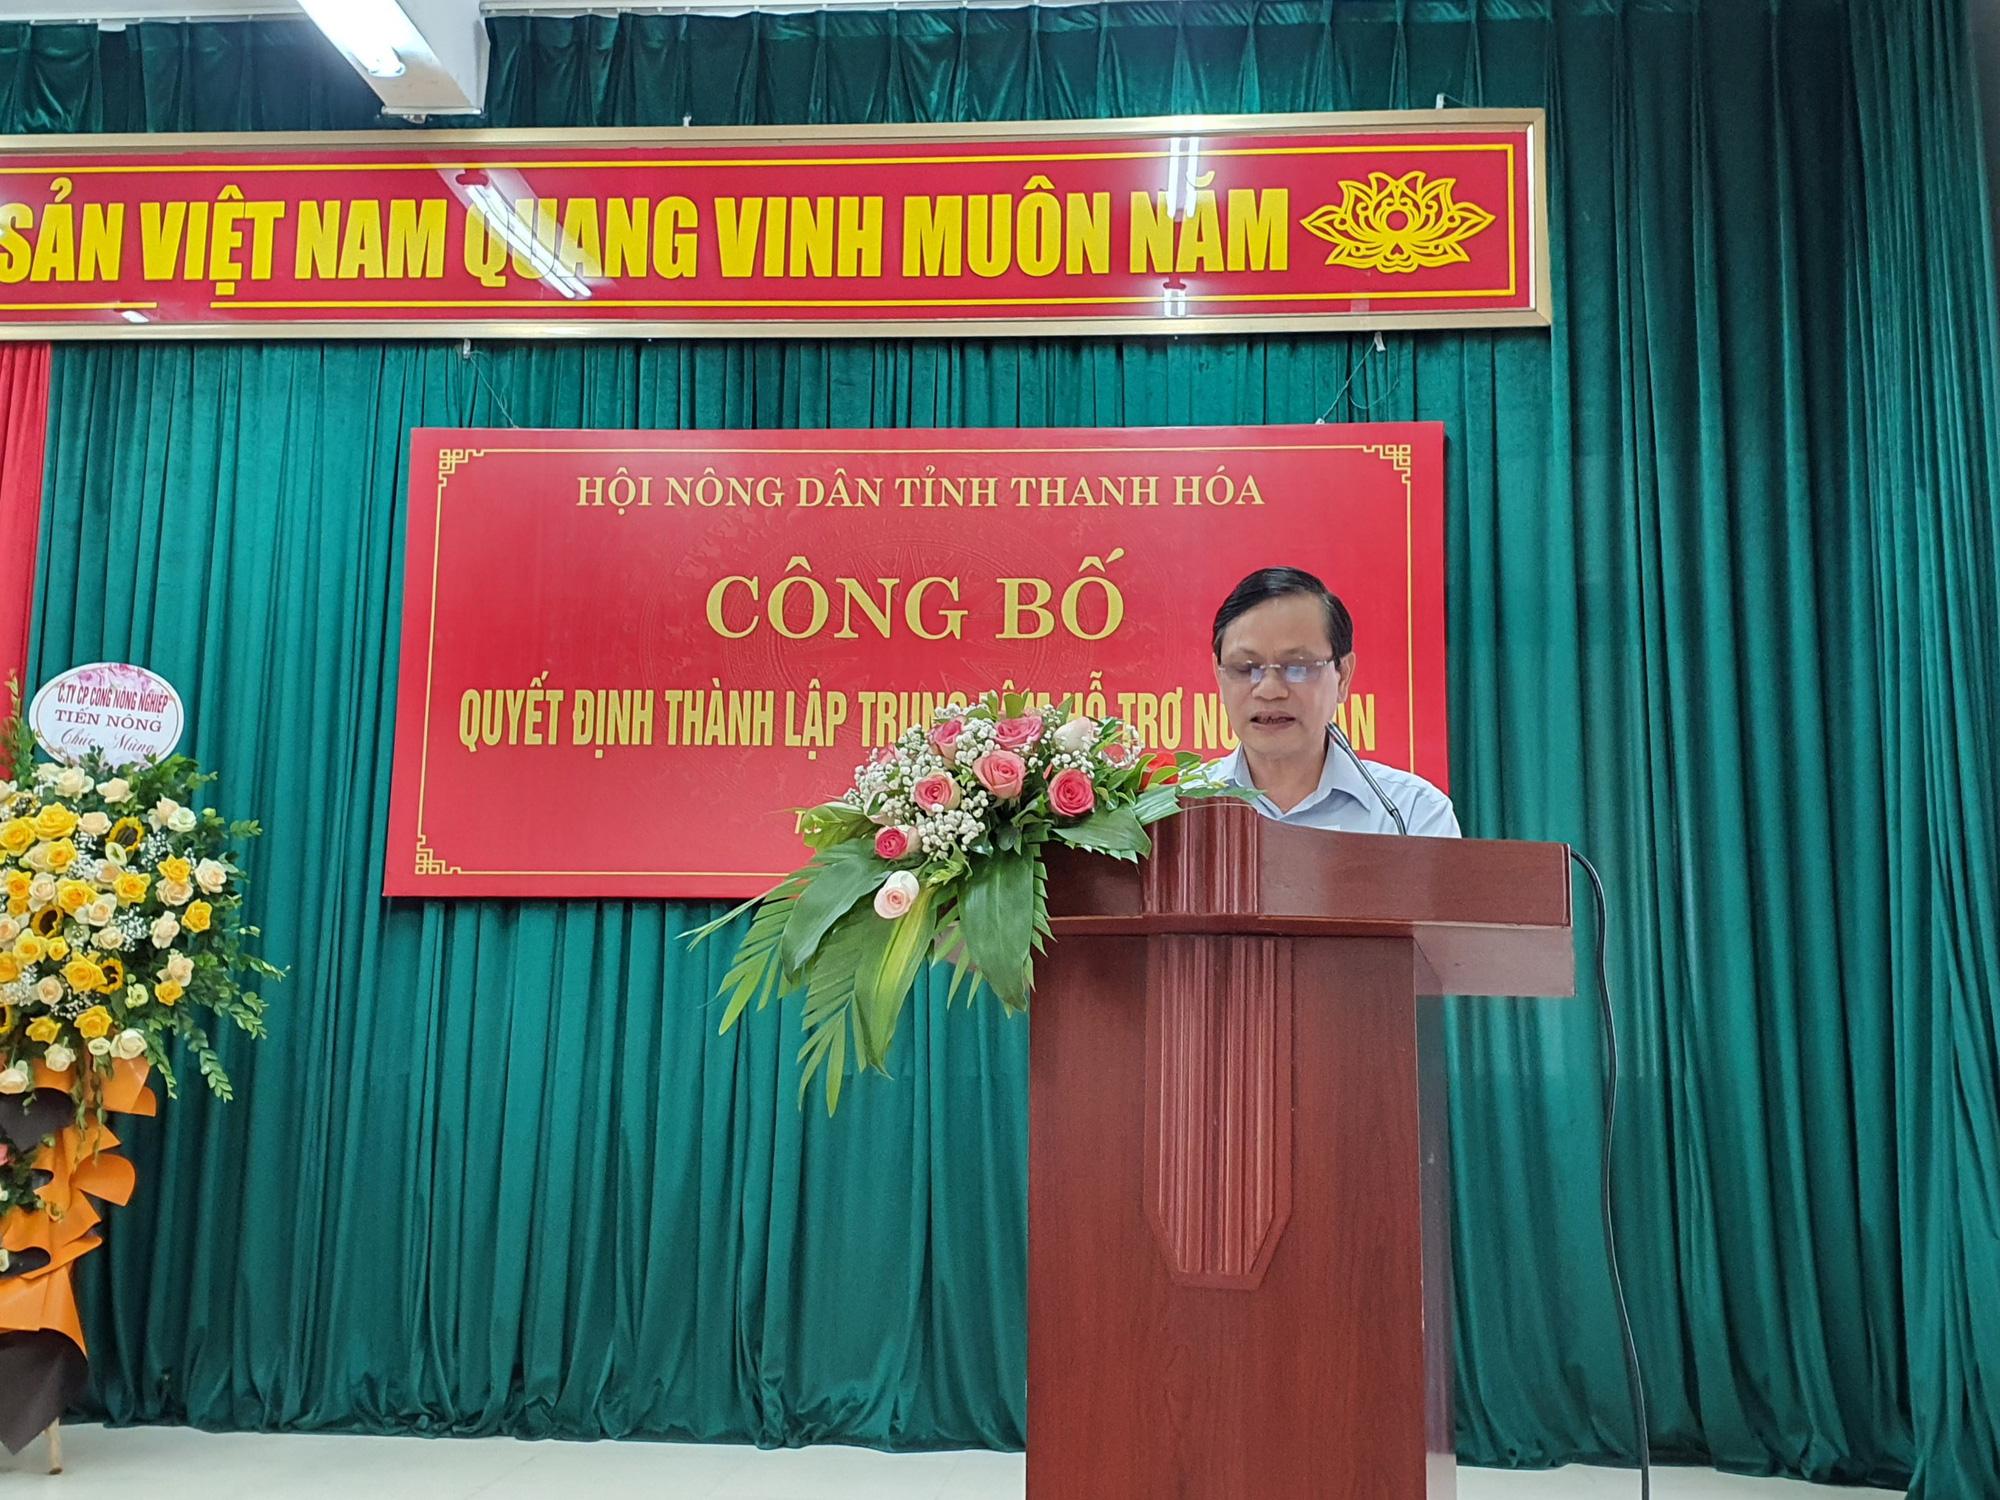 Tỉnh Thanh Hóa thành lập Trung tâm Hỗ trợ nông dân - Ảnh 3.